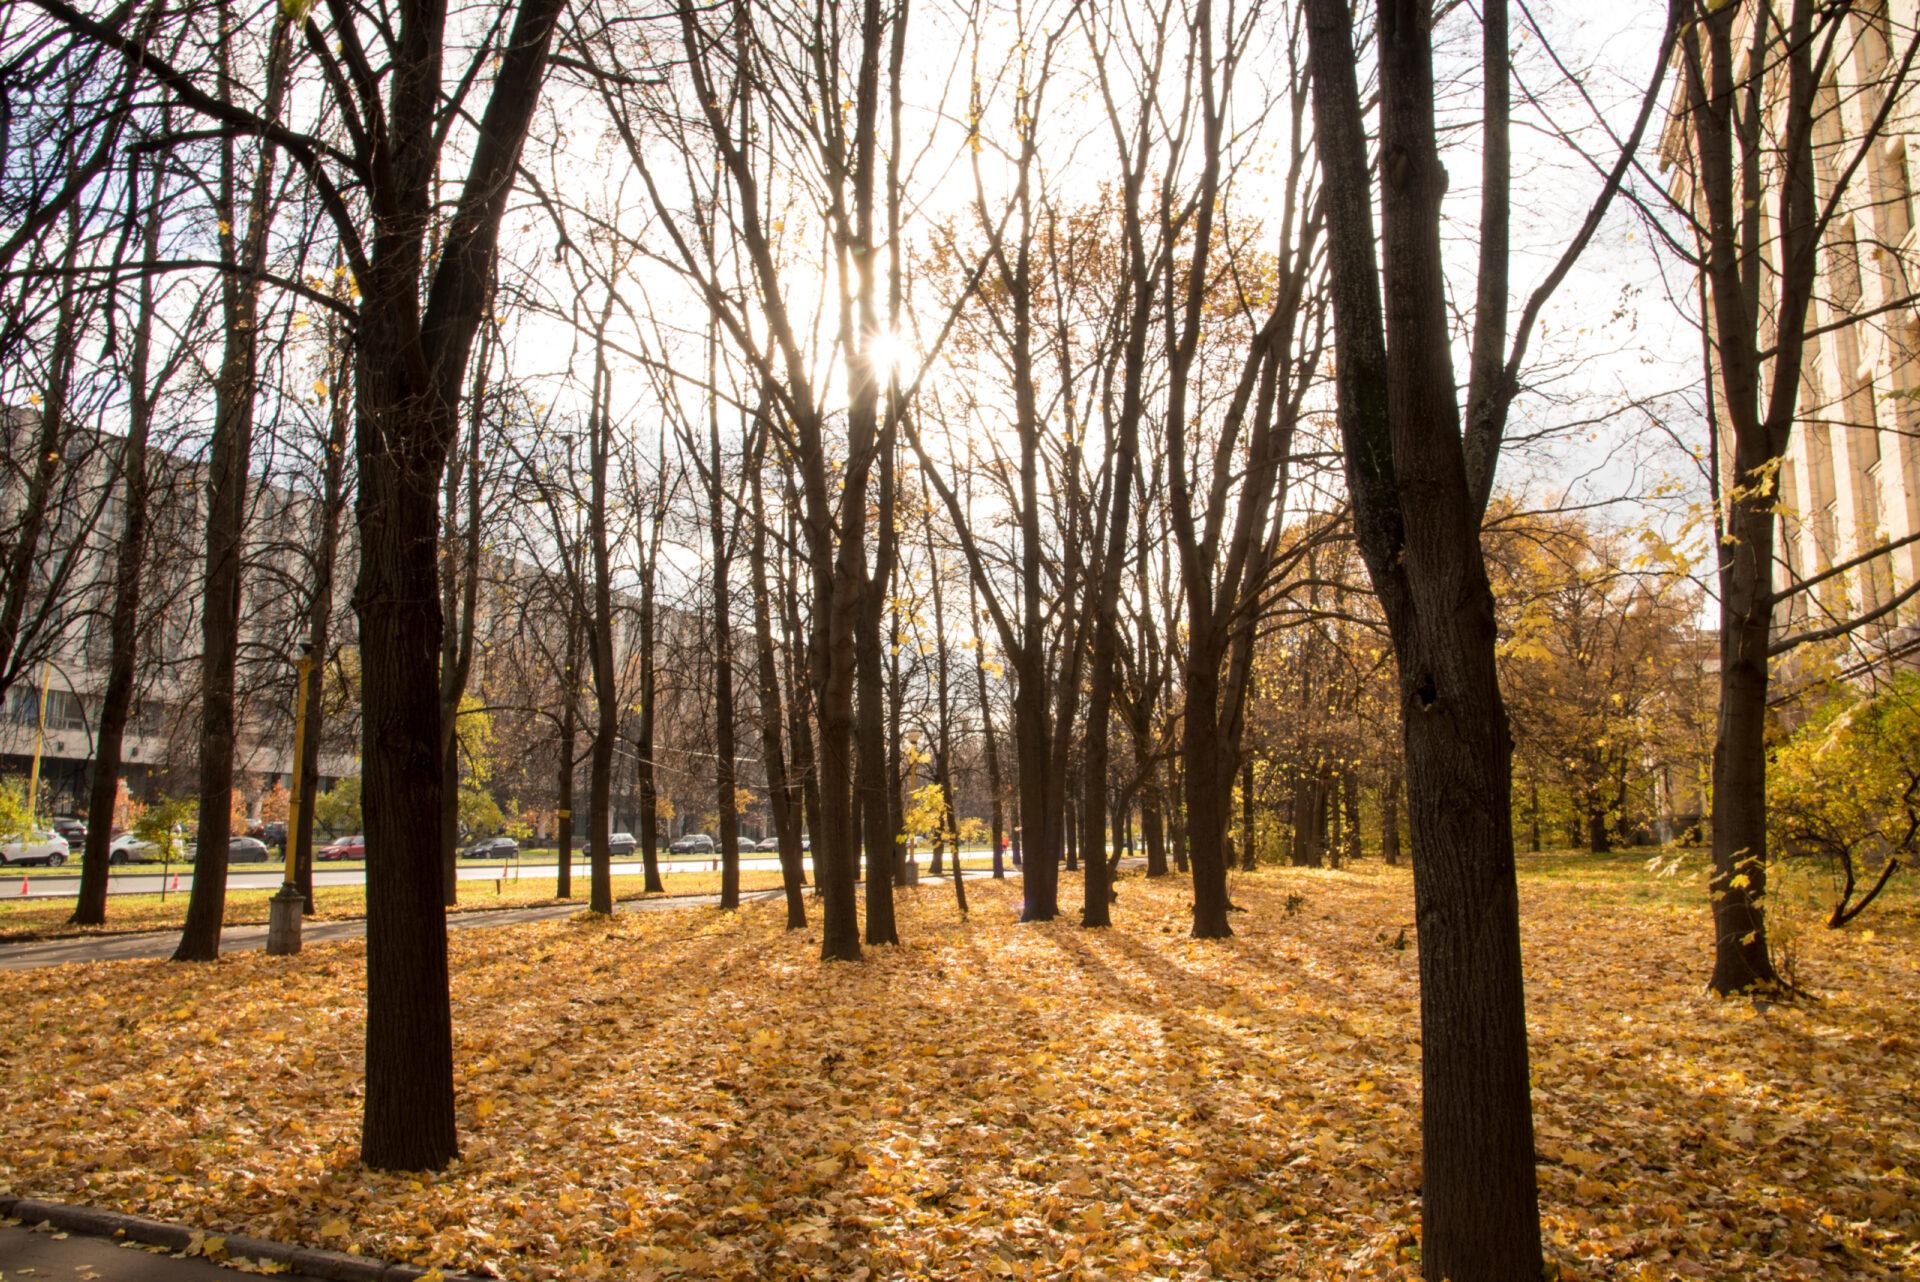 Солнце ипервый снег. Воробьёвы горы, МГУ, Нескучный сад.